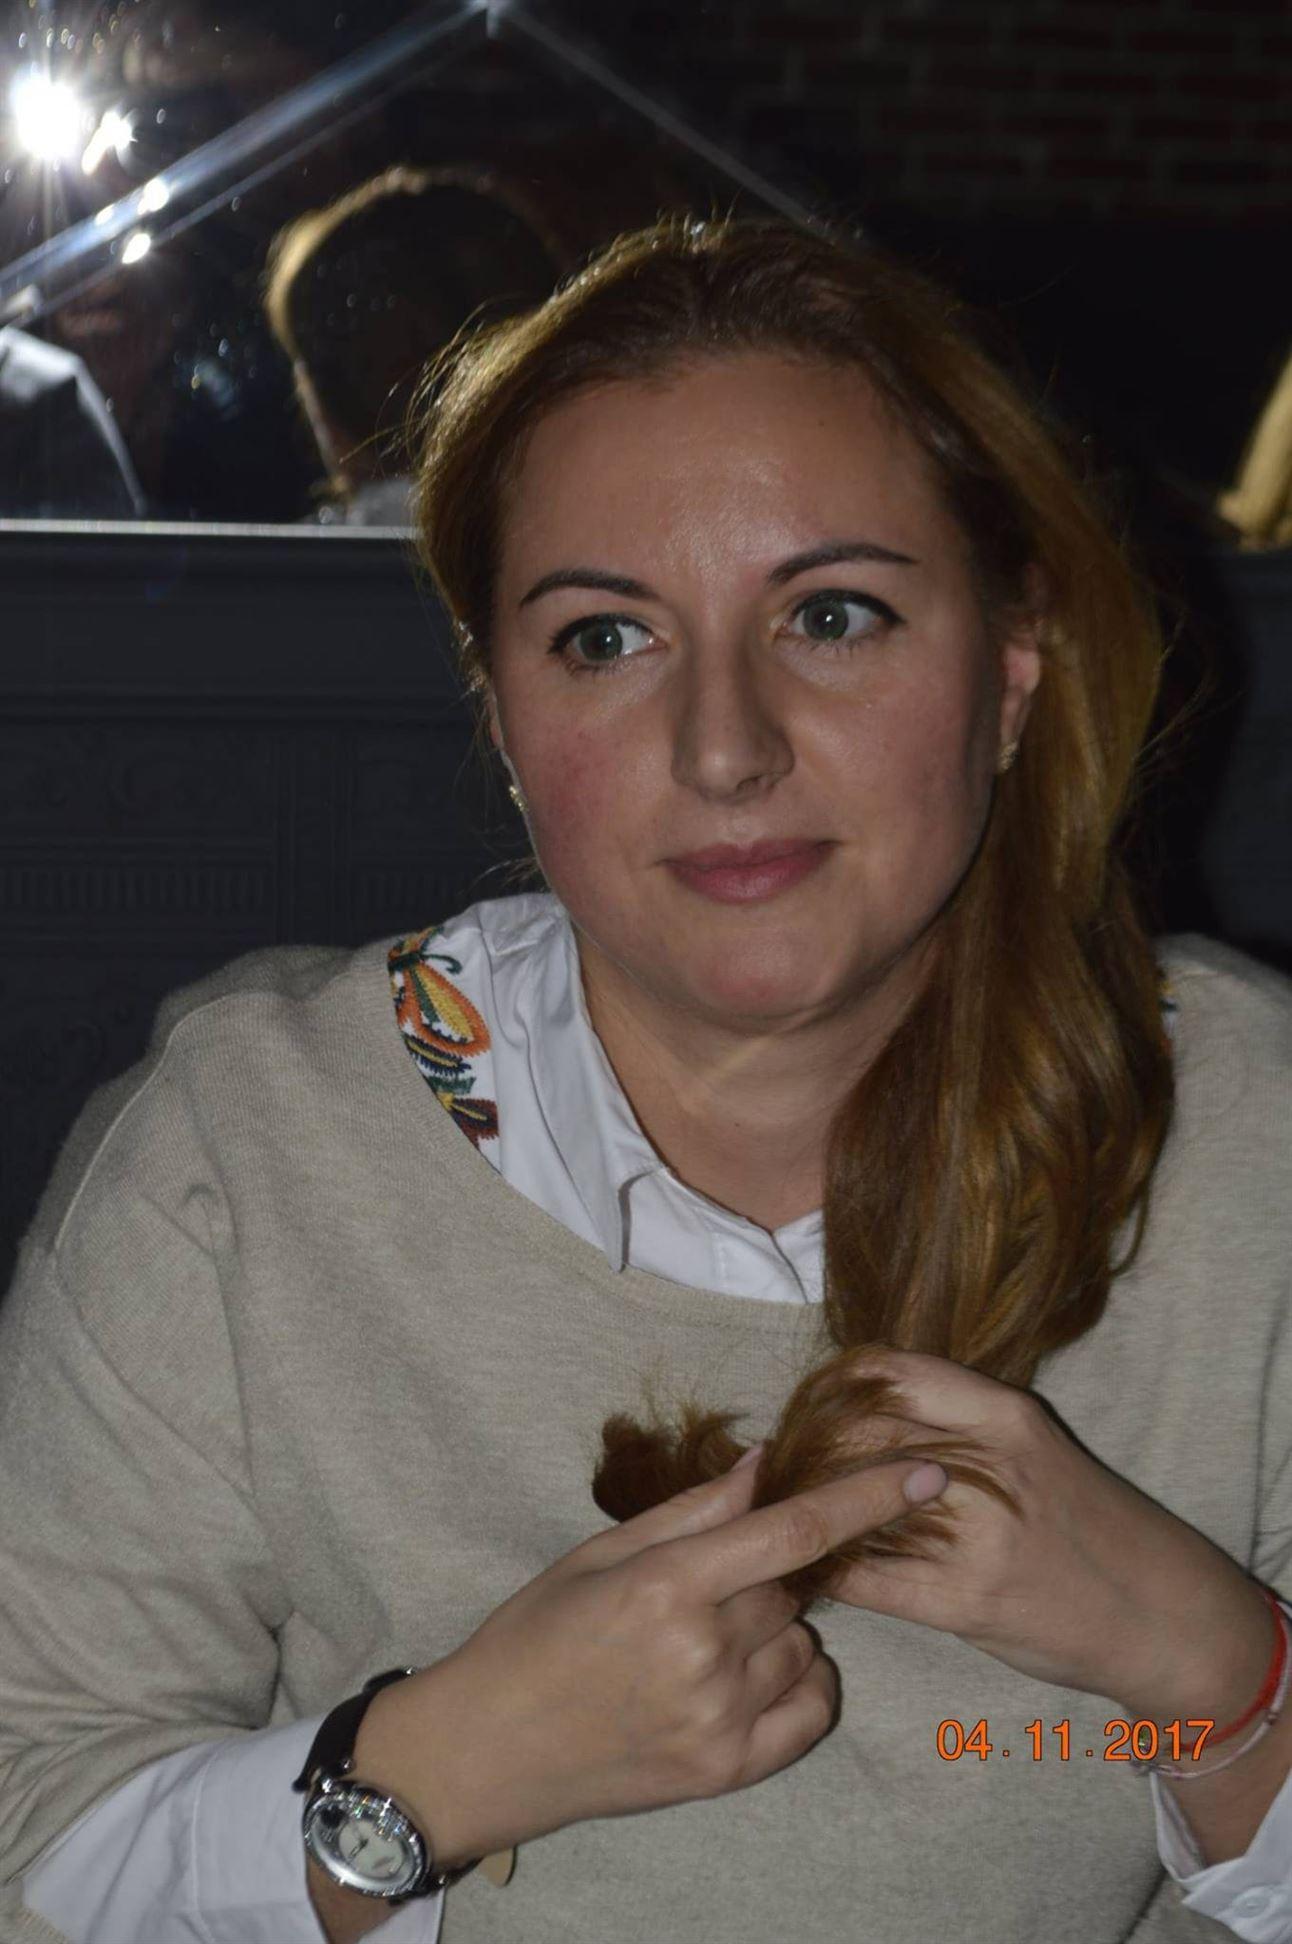 Valentina Tanasaciuc